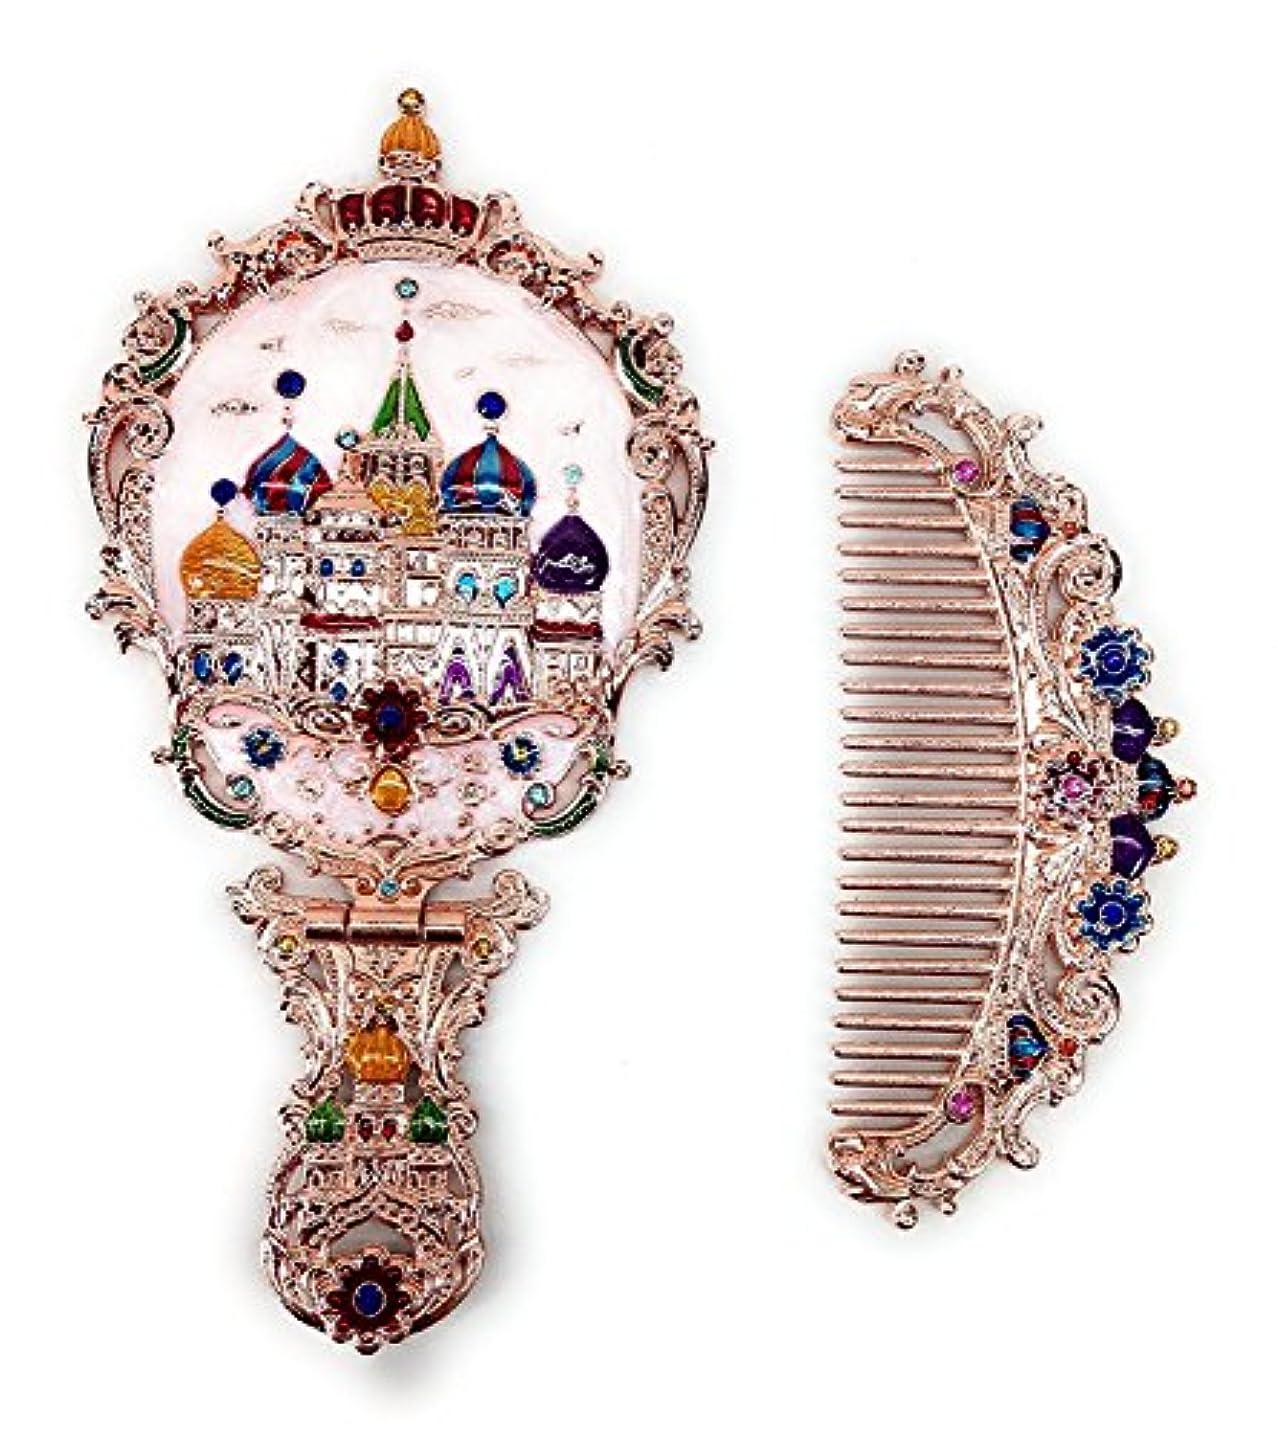 ピアース見つける労働者KINGZUO 手鏡 コーム セット 櫛 くし ミラー ロシア風 アンティーク調 おしゃれ プレゼント